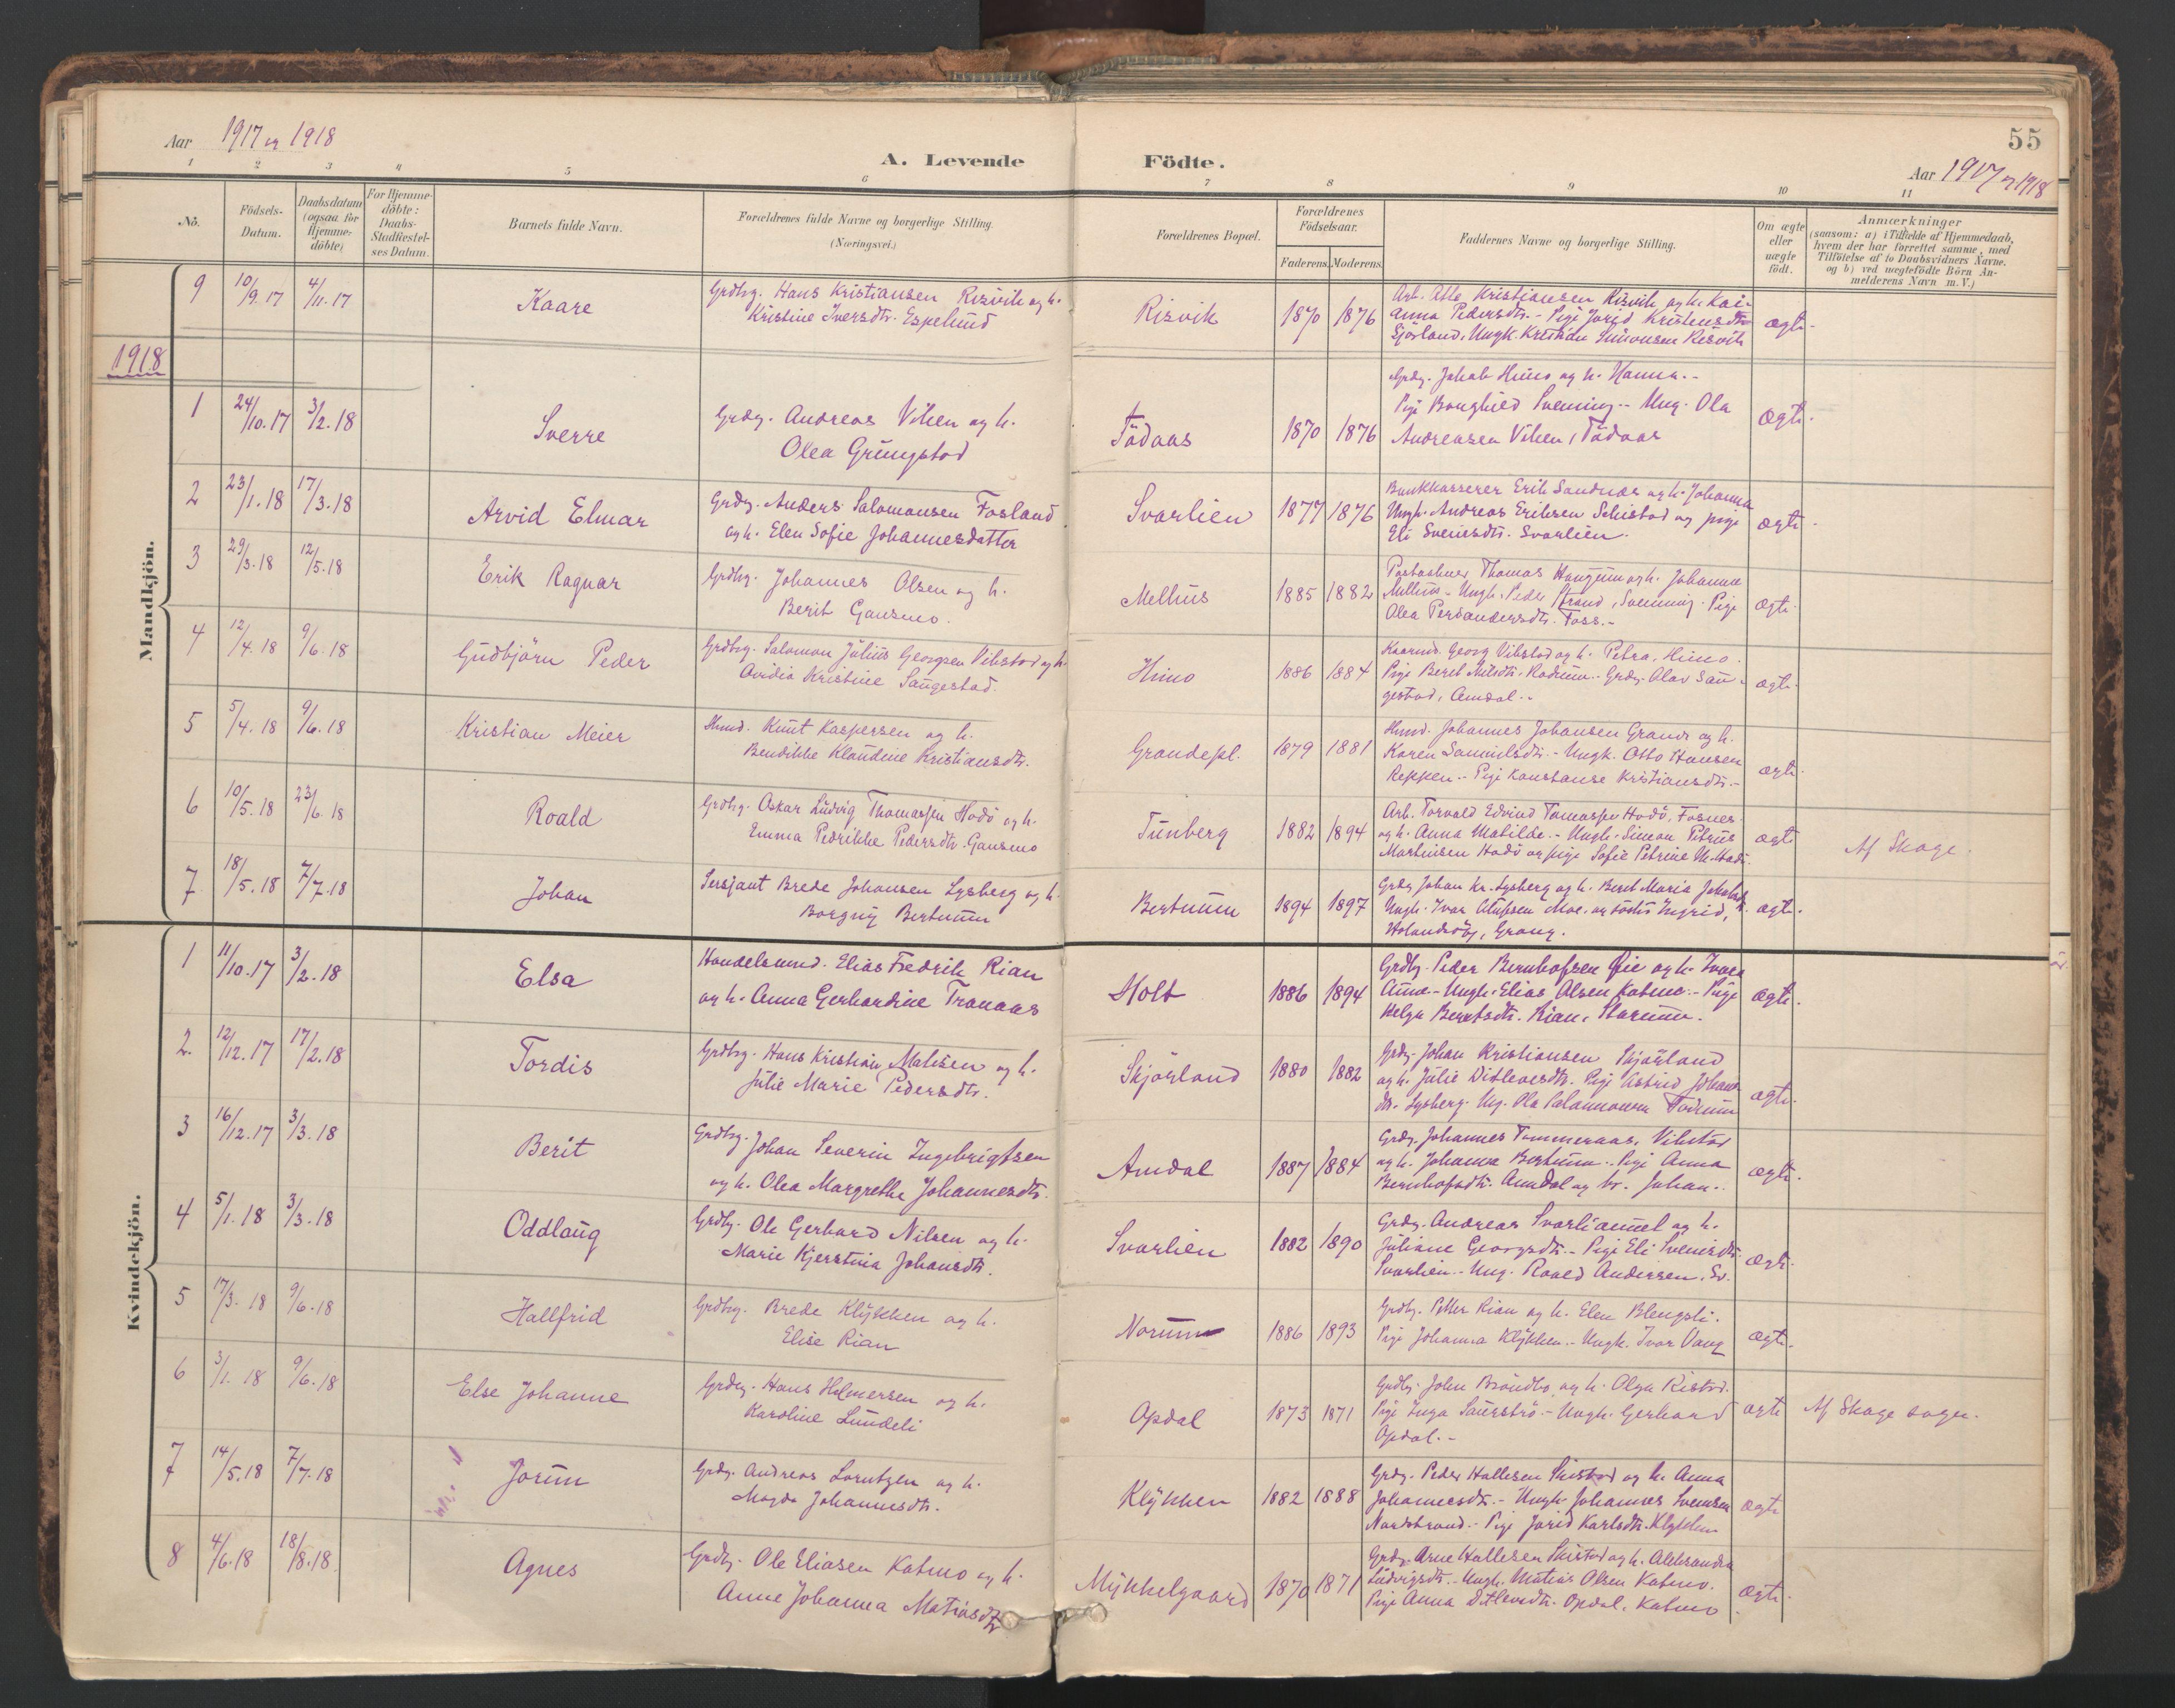 SAT, Ministerialprotokoller, klokkerbøker og fødselsregistre - Nord-Trøndelag, 764/L0556: Ministerialbok nr. 764A11, 1897-1924, s. 55